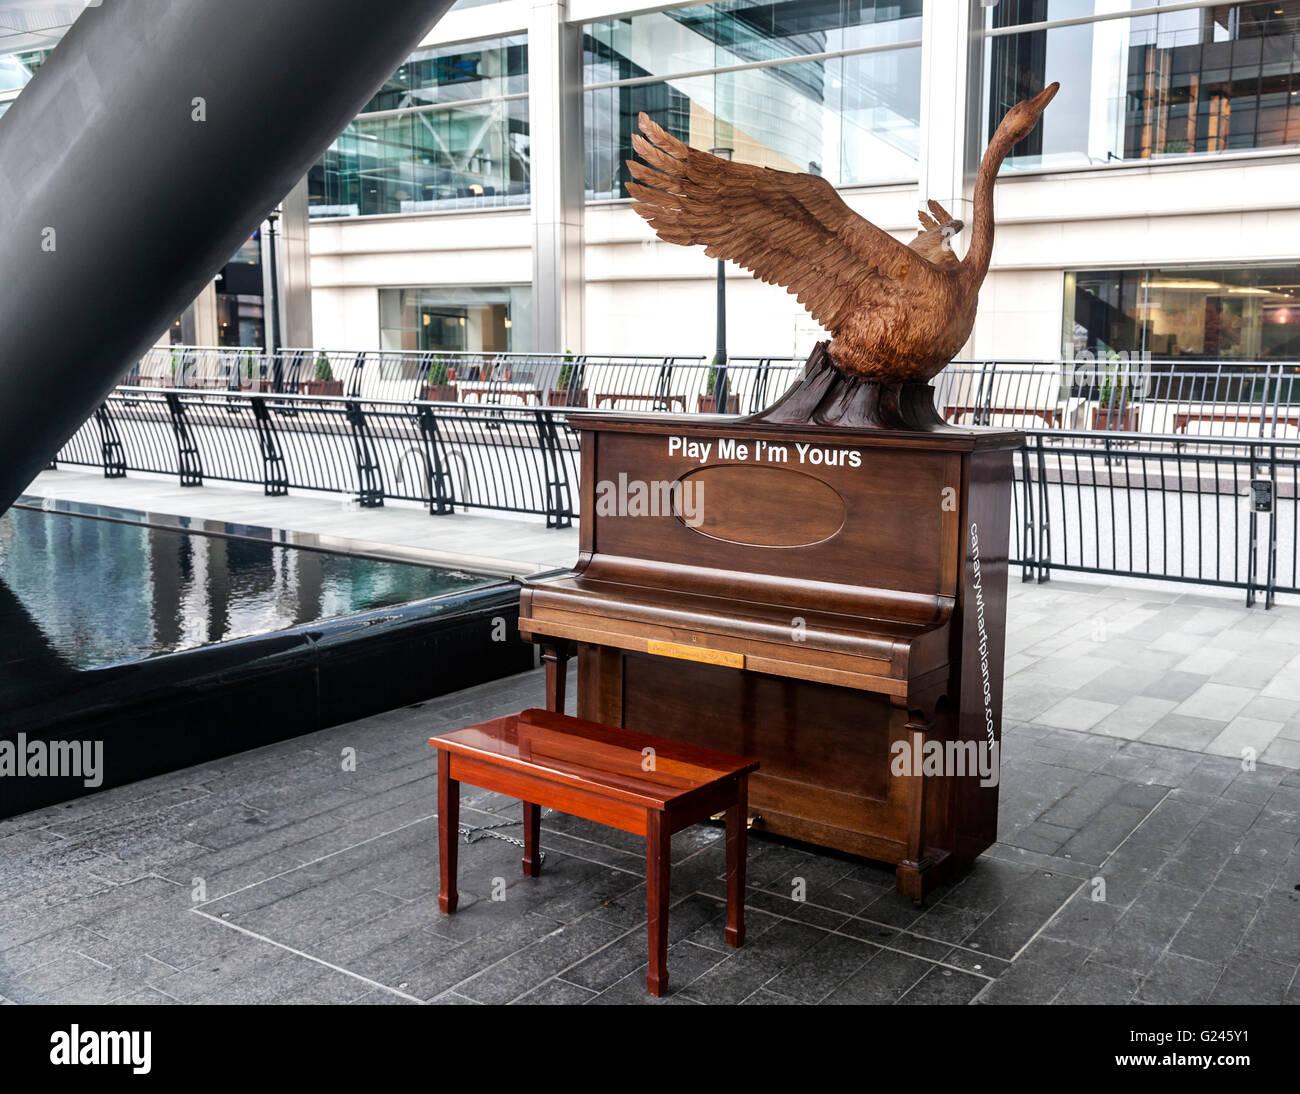 Eine der viele Klaviere in Play Me I 'm Yours, ein globales Kunstwerk des britischen Künstlers Luke Jerram, Stockbild